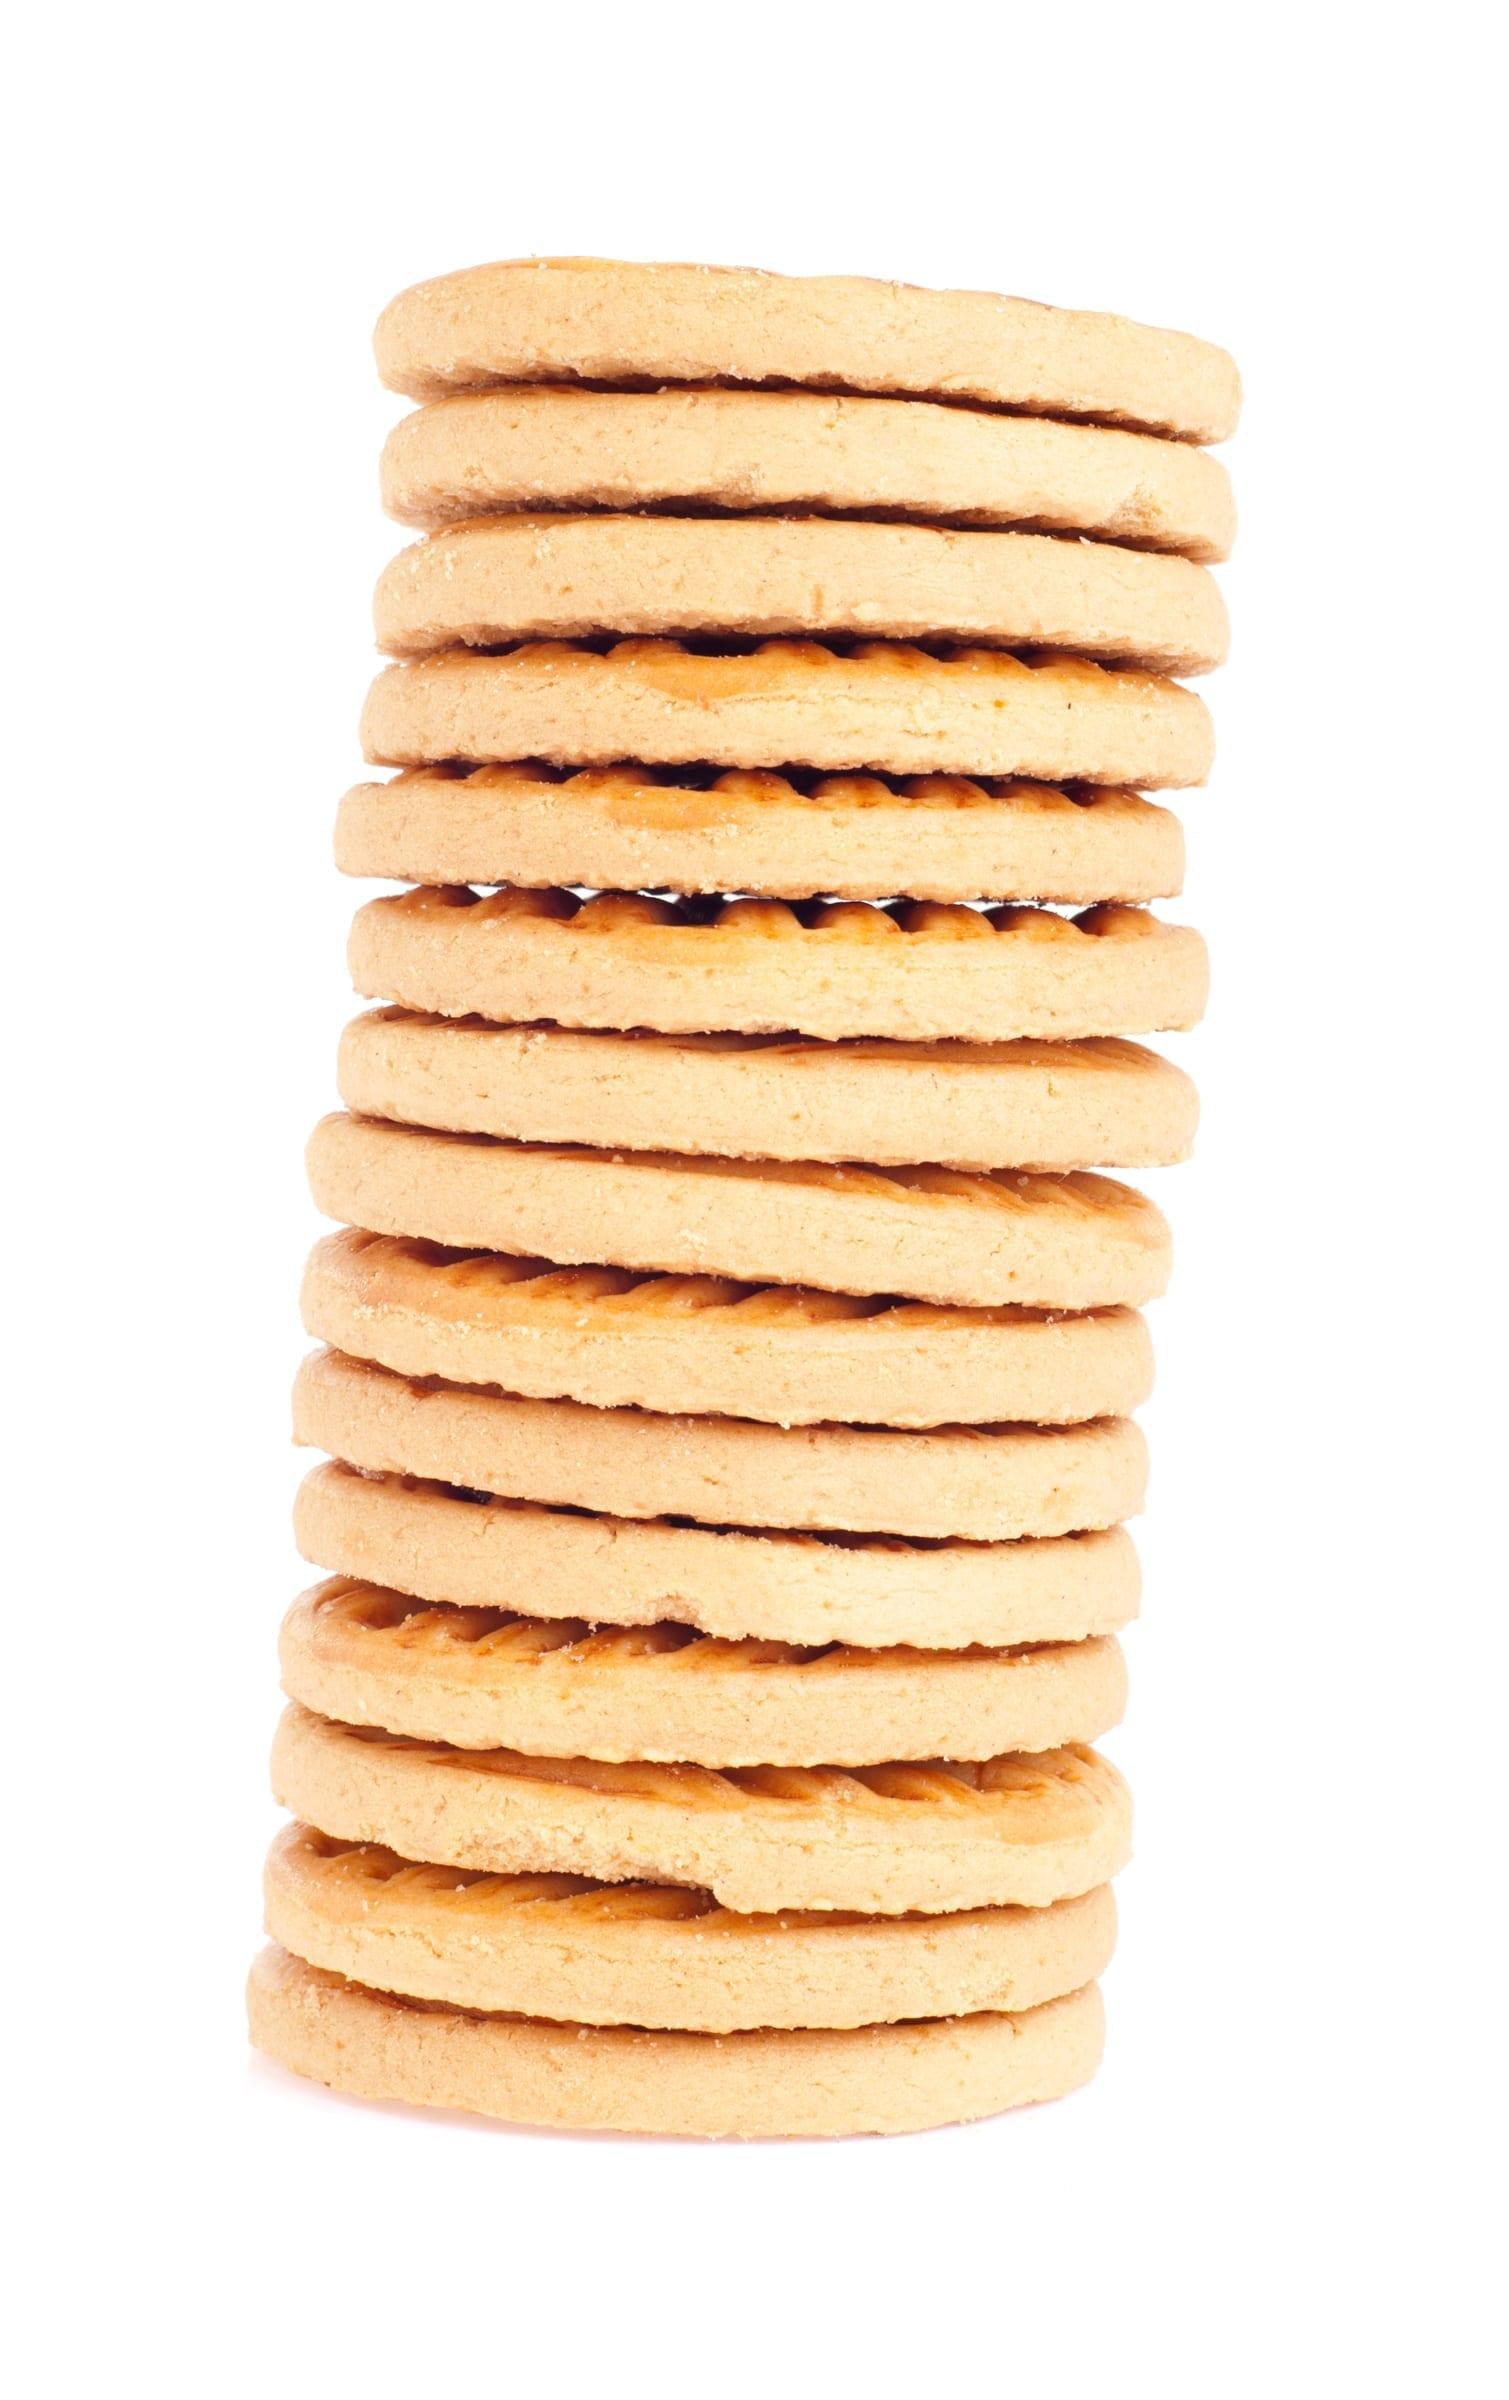 Marina quer proibir biscoito alemão no Brasil